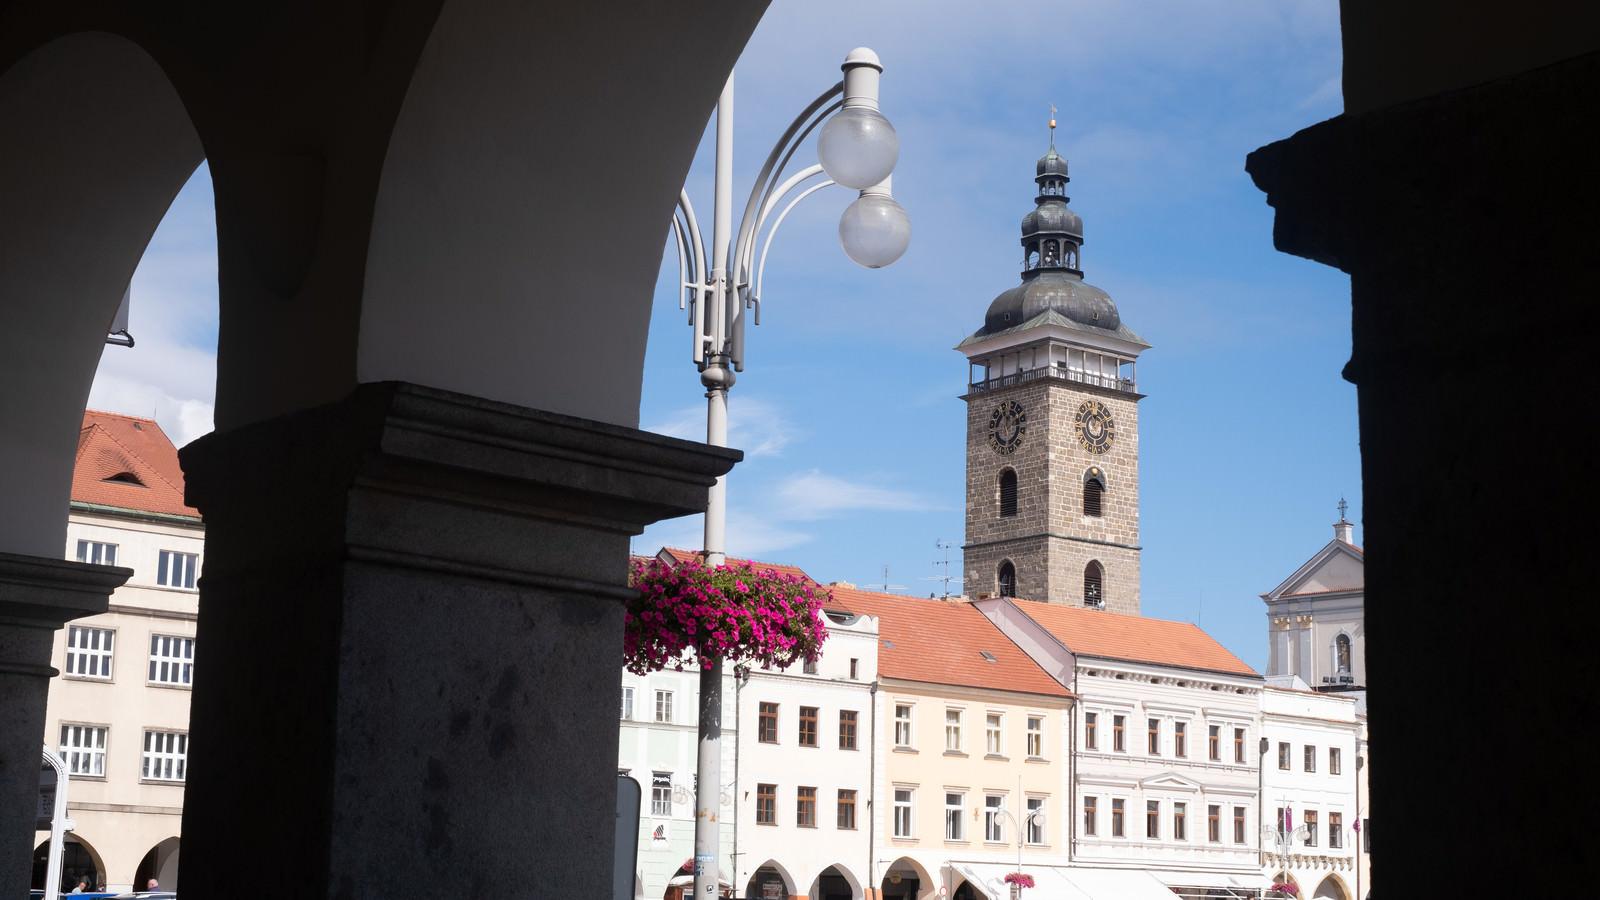 「チェスケーブジェヨヴィツェ広場にある時計台(ブドヴァル)」の写真